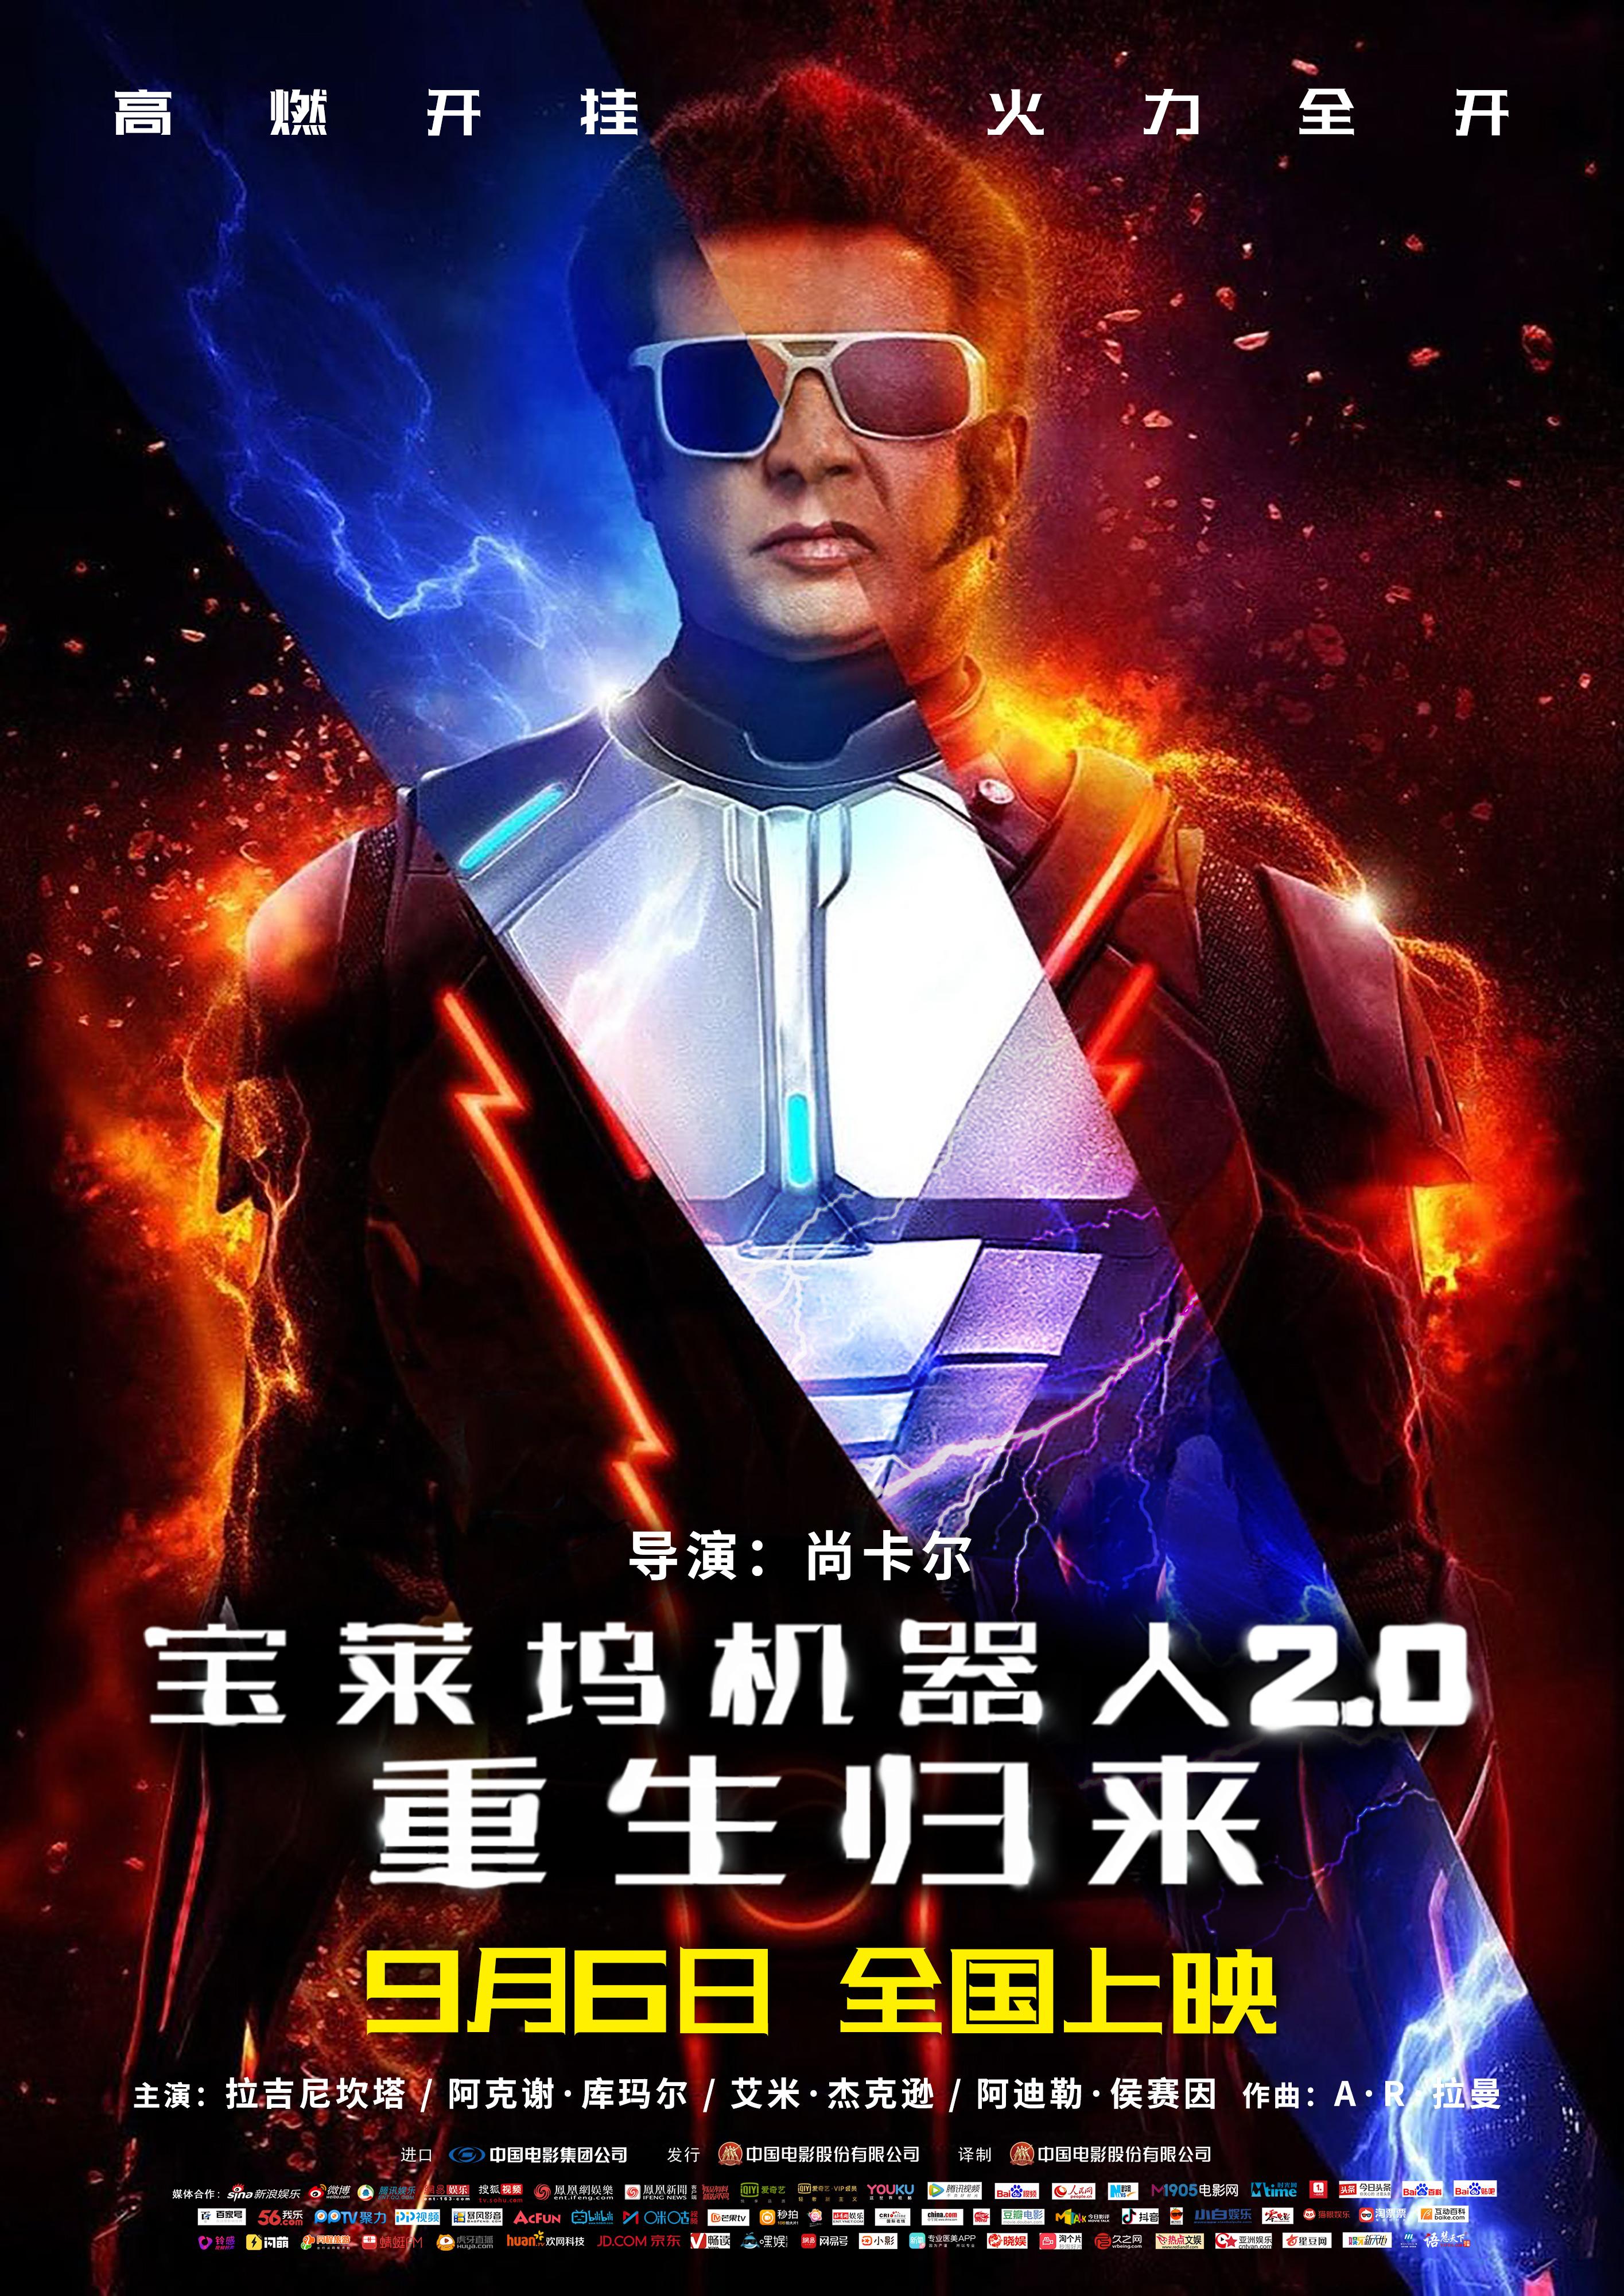 印度高能科幻片来袭!《宝莱坞机器人2.0:重生归来》定档9.6